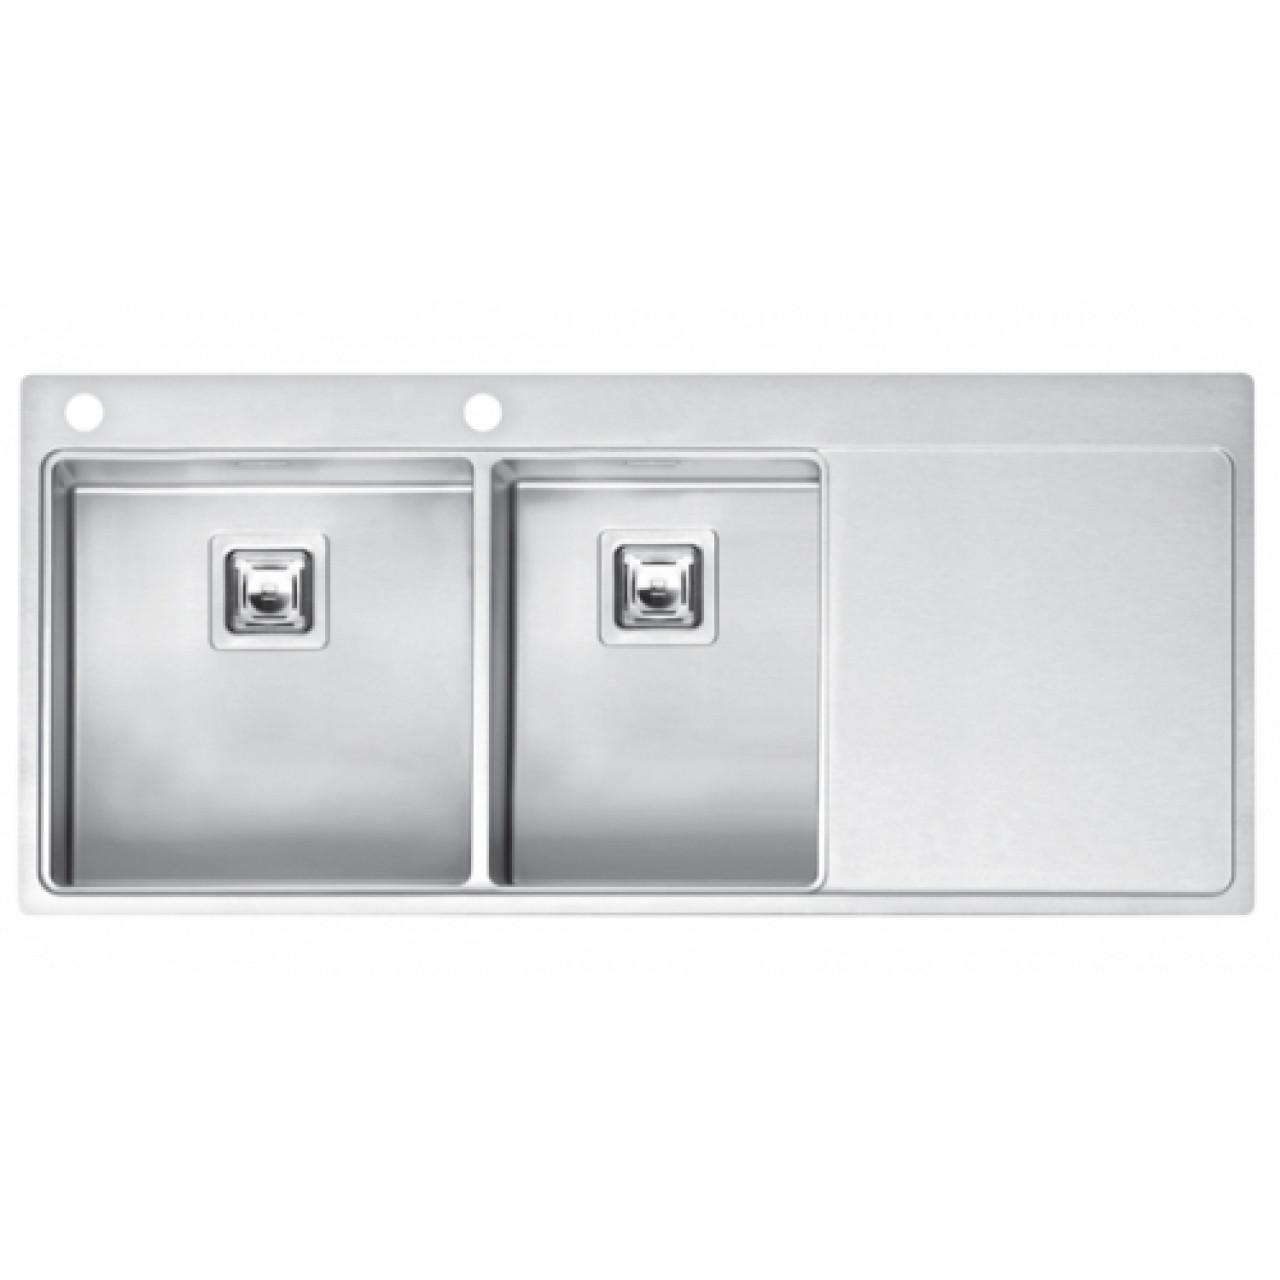 Кухонная мойка Reginox Nevada 40x30 LUX OKG Left/Right 43105/43106 купить в Москве по цене от 96070р. в интернет-магазине mebel-v-vannu.ru